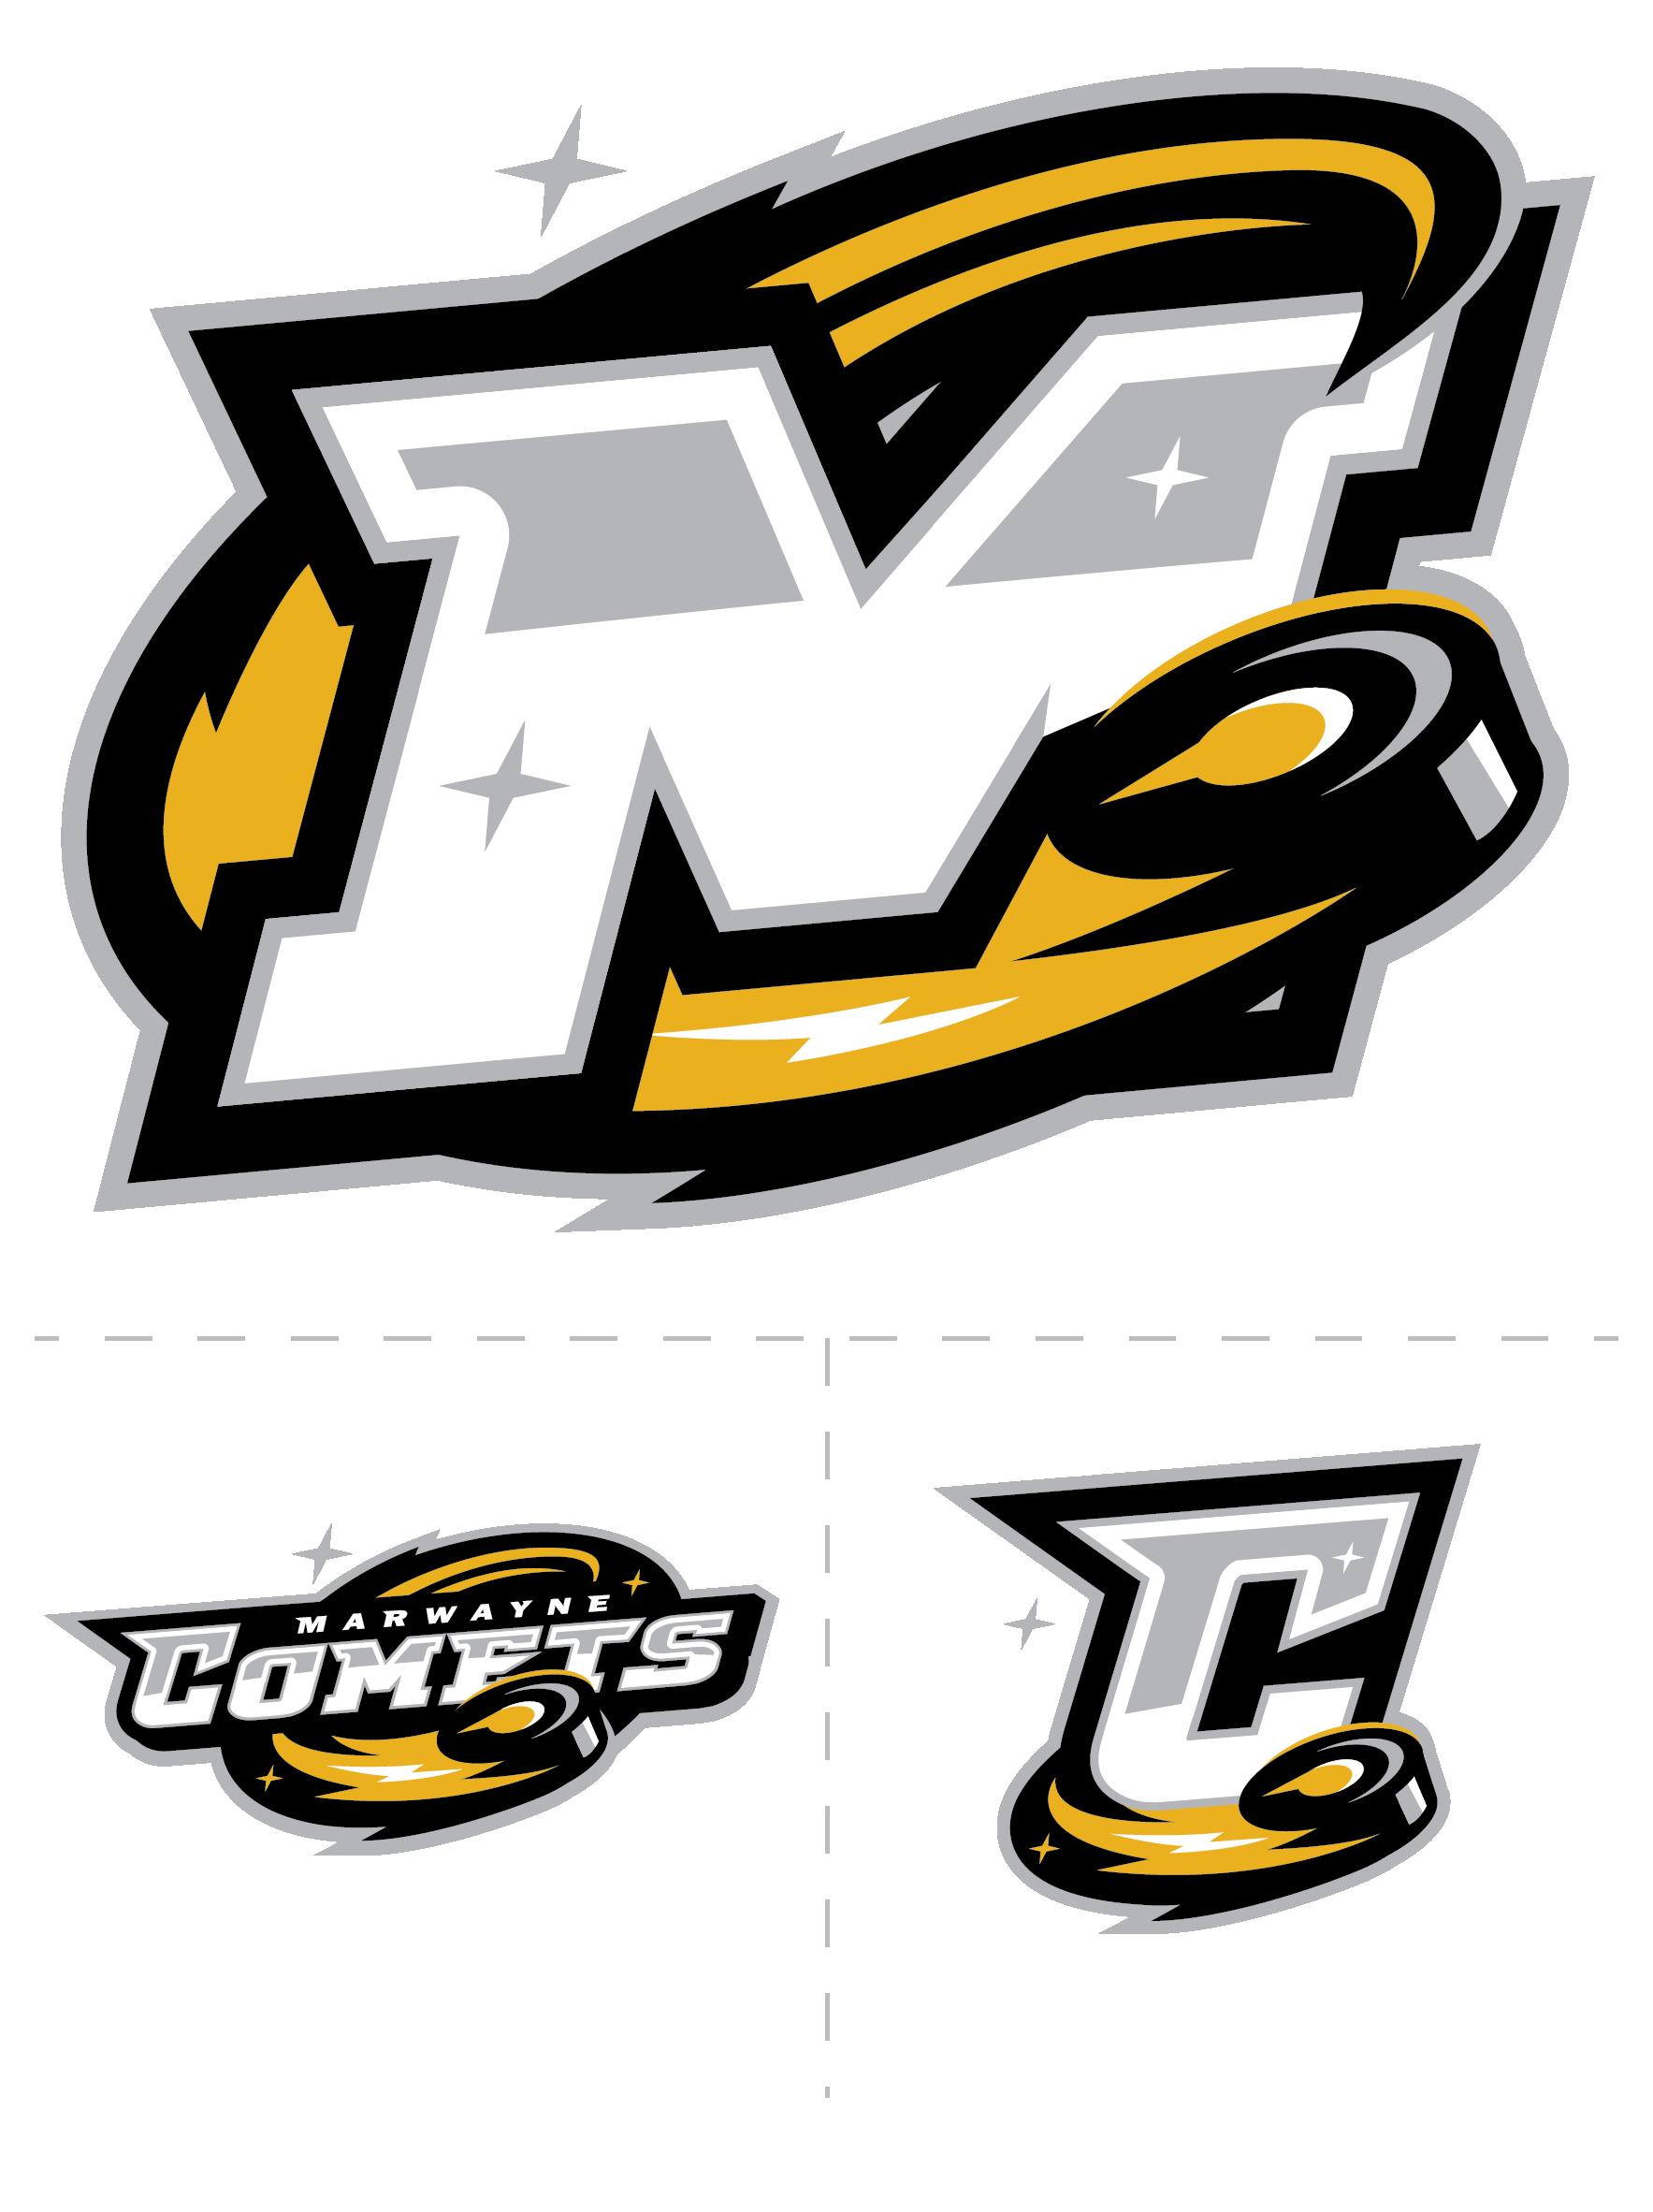 MARWAYNE COMETS HOCKEY — Artslinger | Football logo design, Hockey logos, Sports team logos